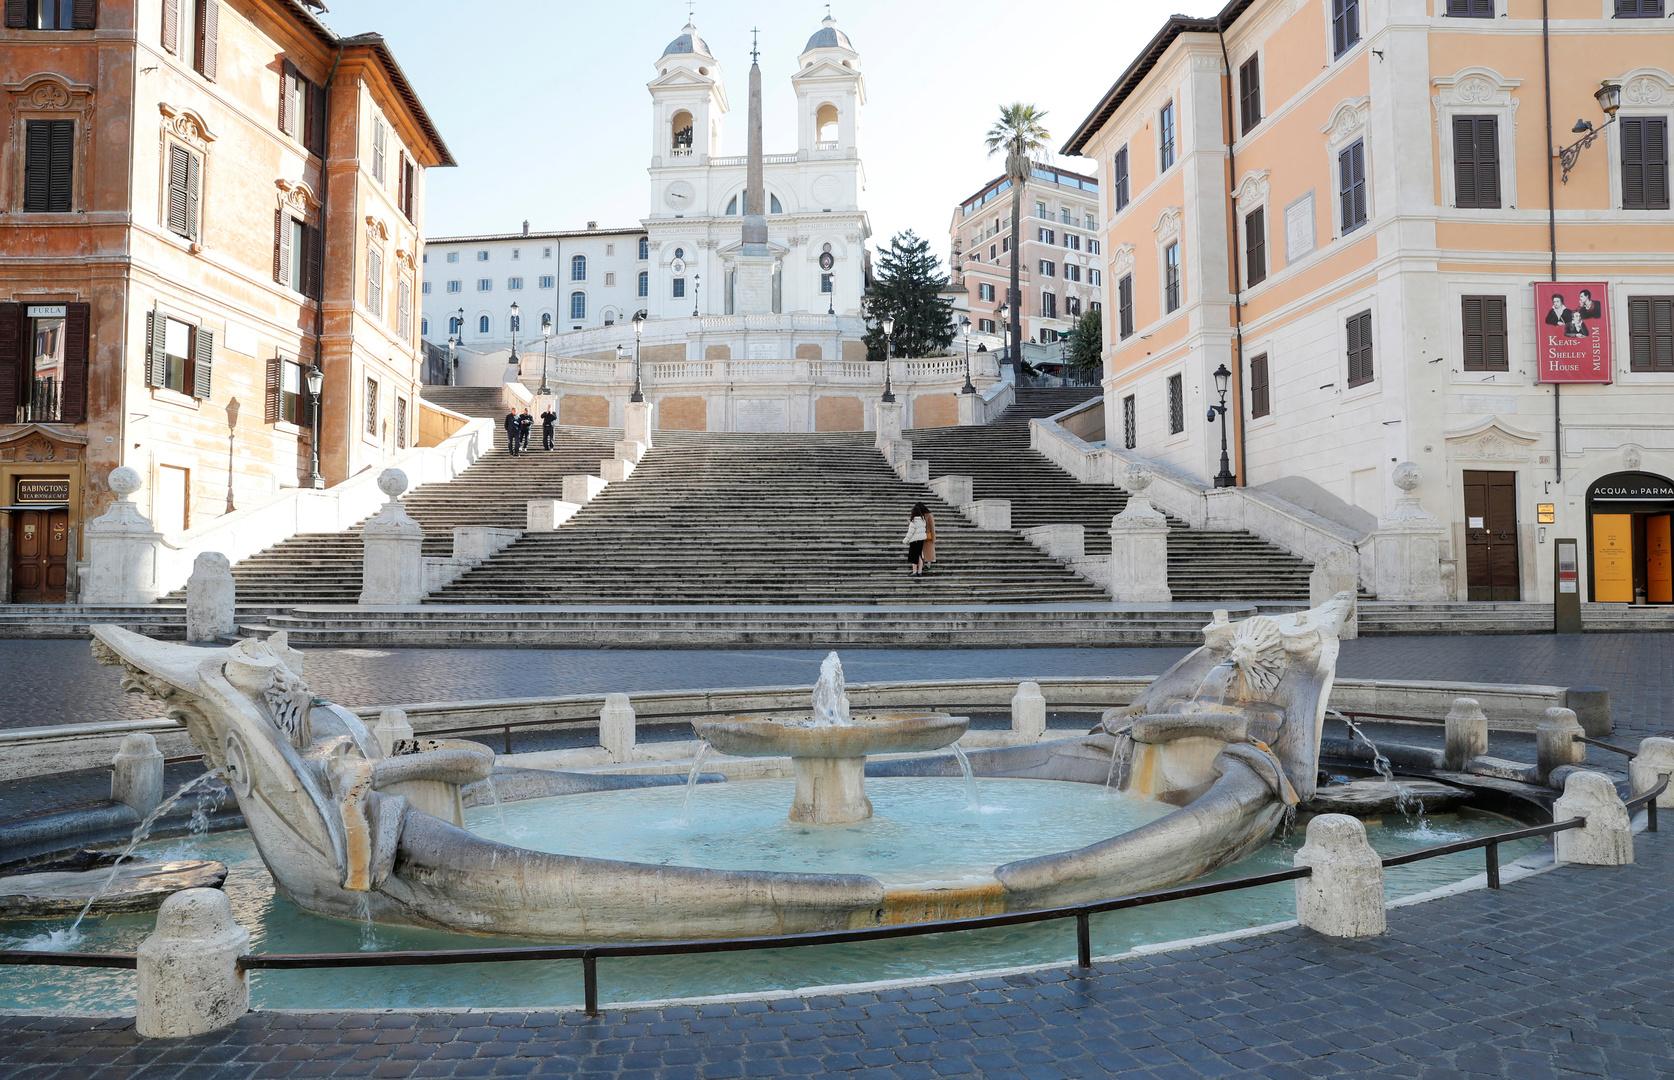 Allgemeiner Überblick über die Spanische Treppe in Rom, die nach der angeordneten Ausgangssperre praktisch menschenleer ist